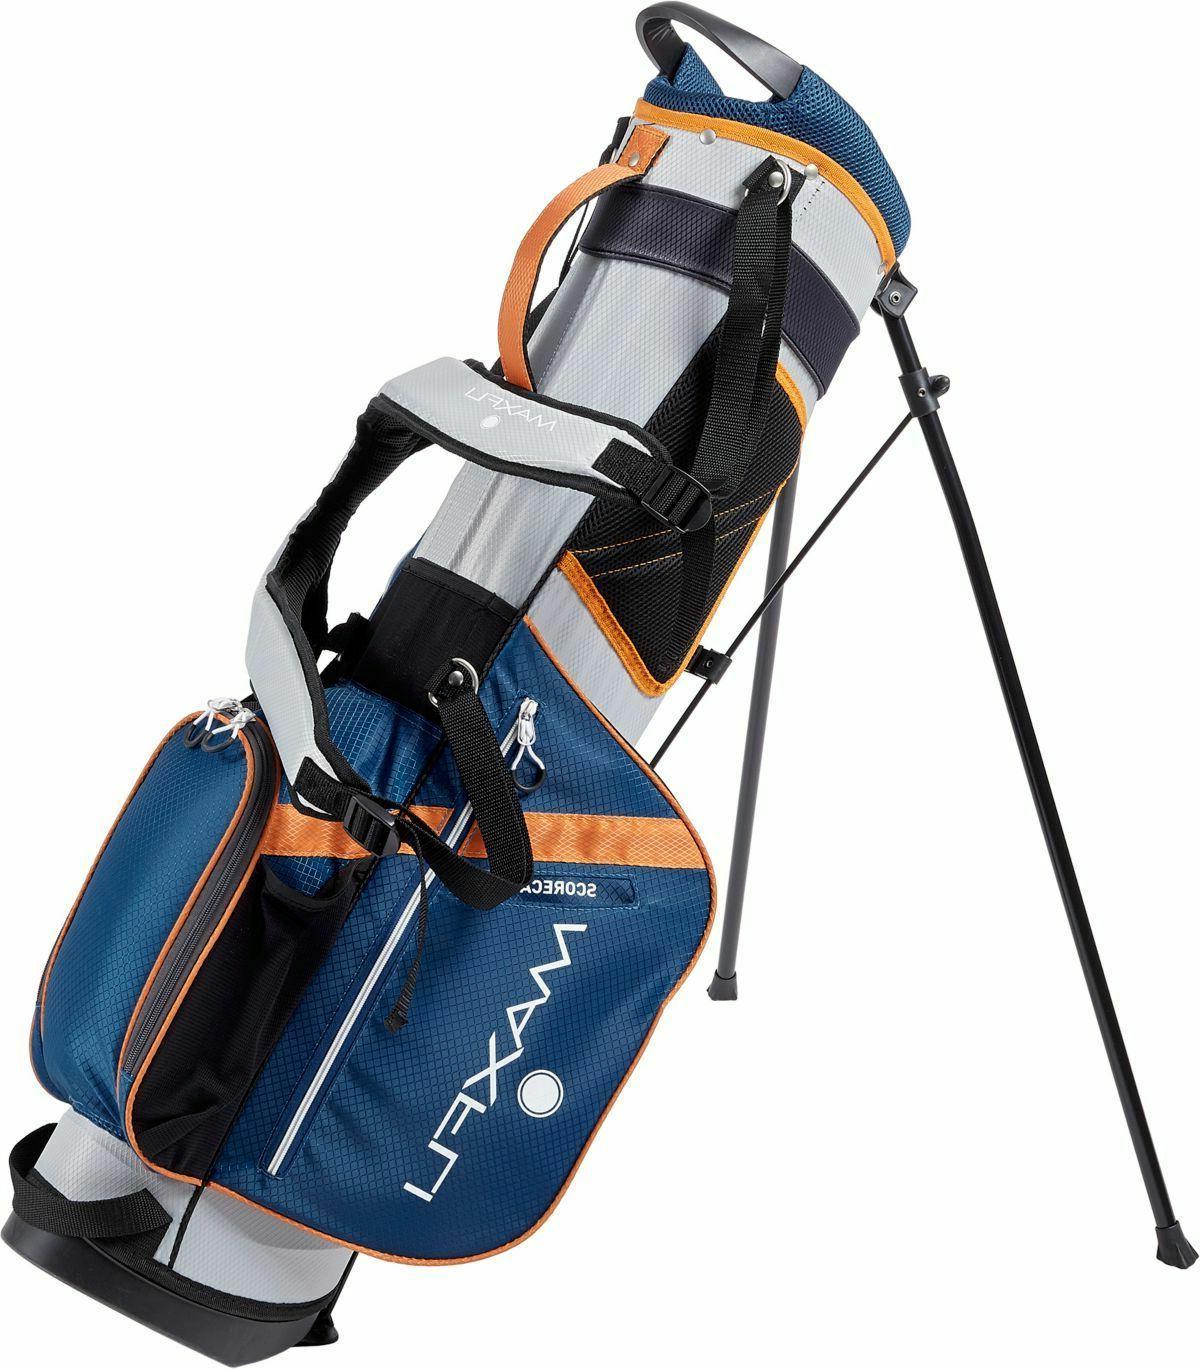 New Maxfli Golf Stand 3-Way Divider Blue